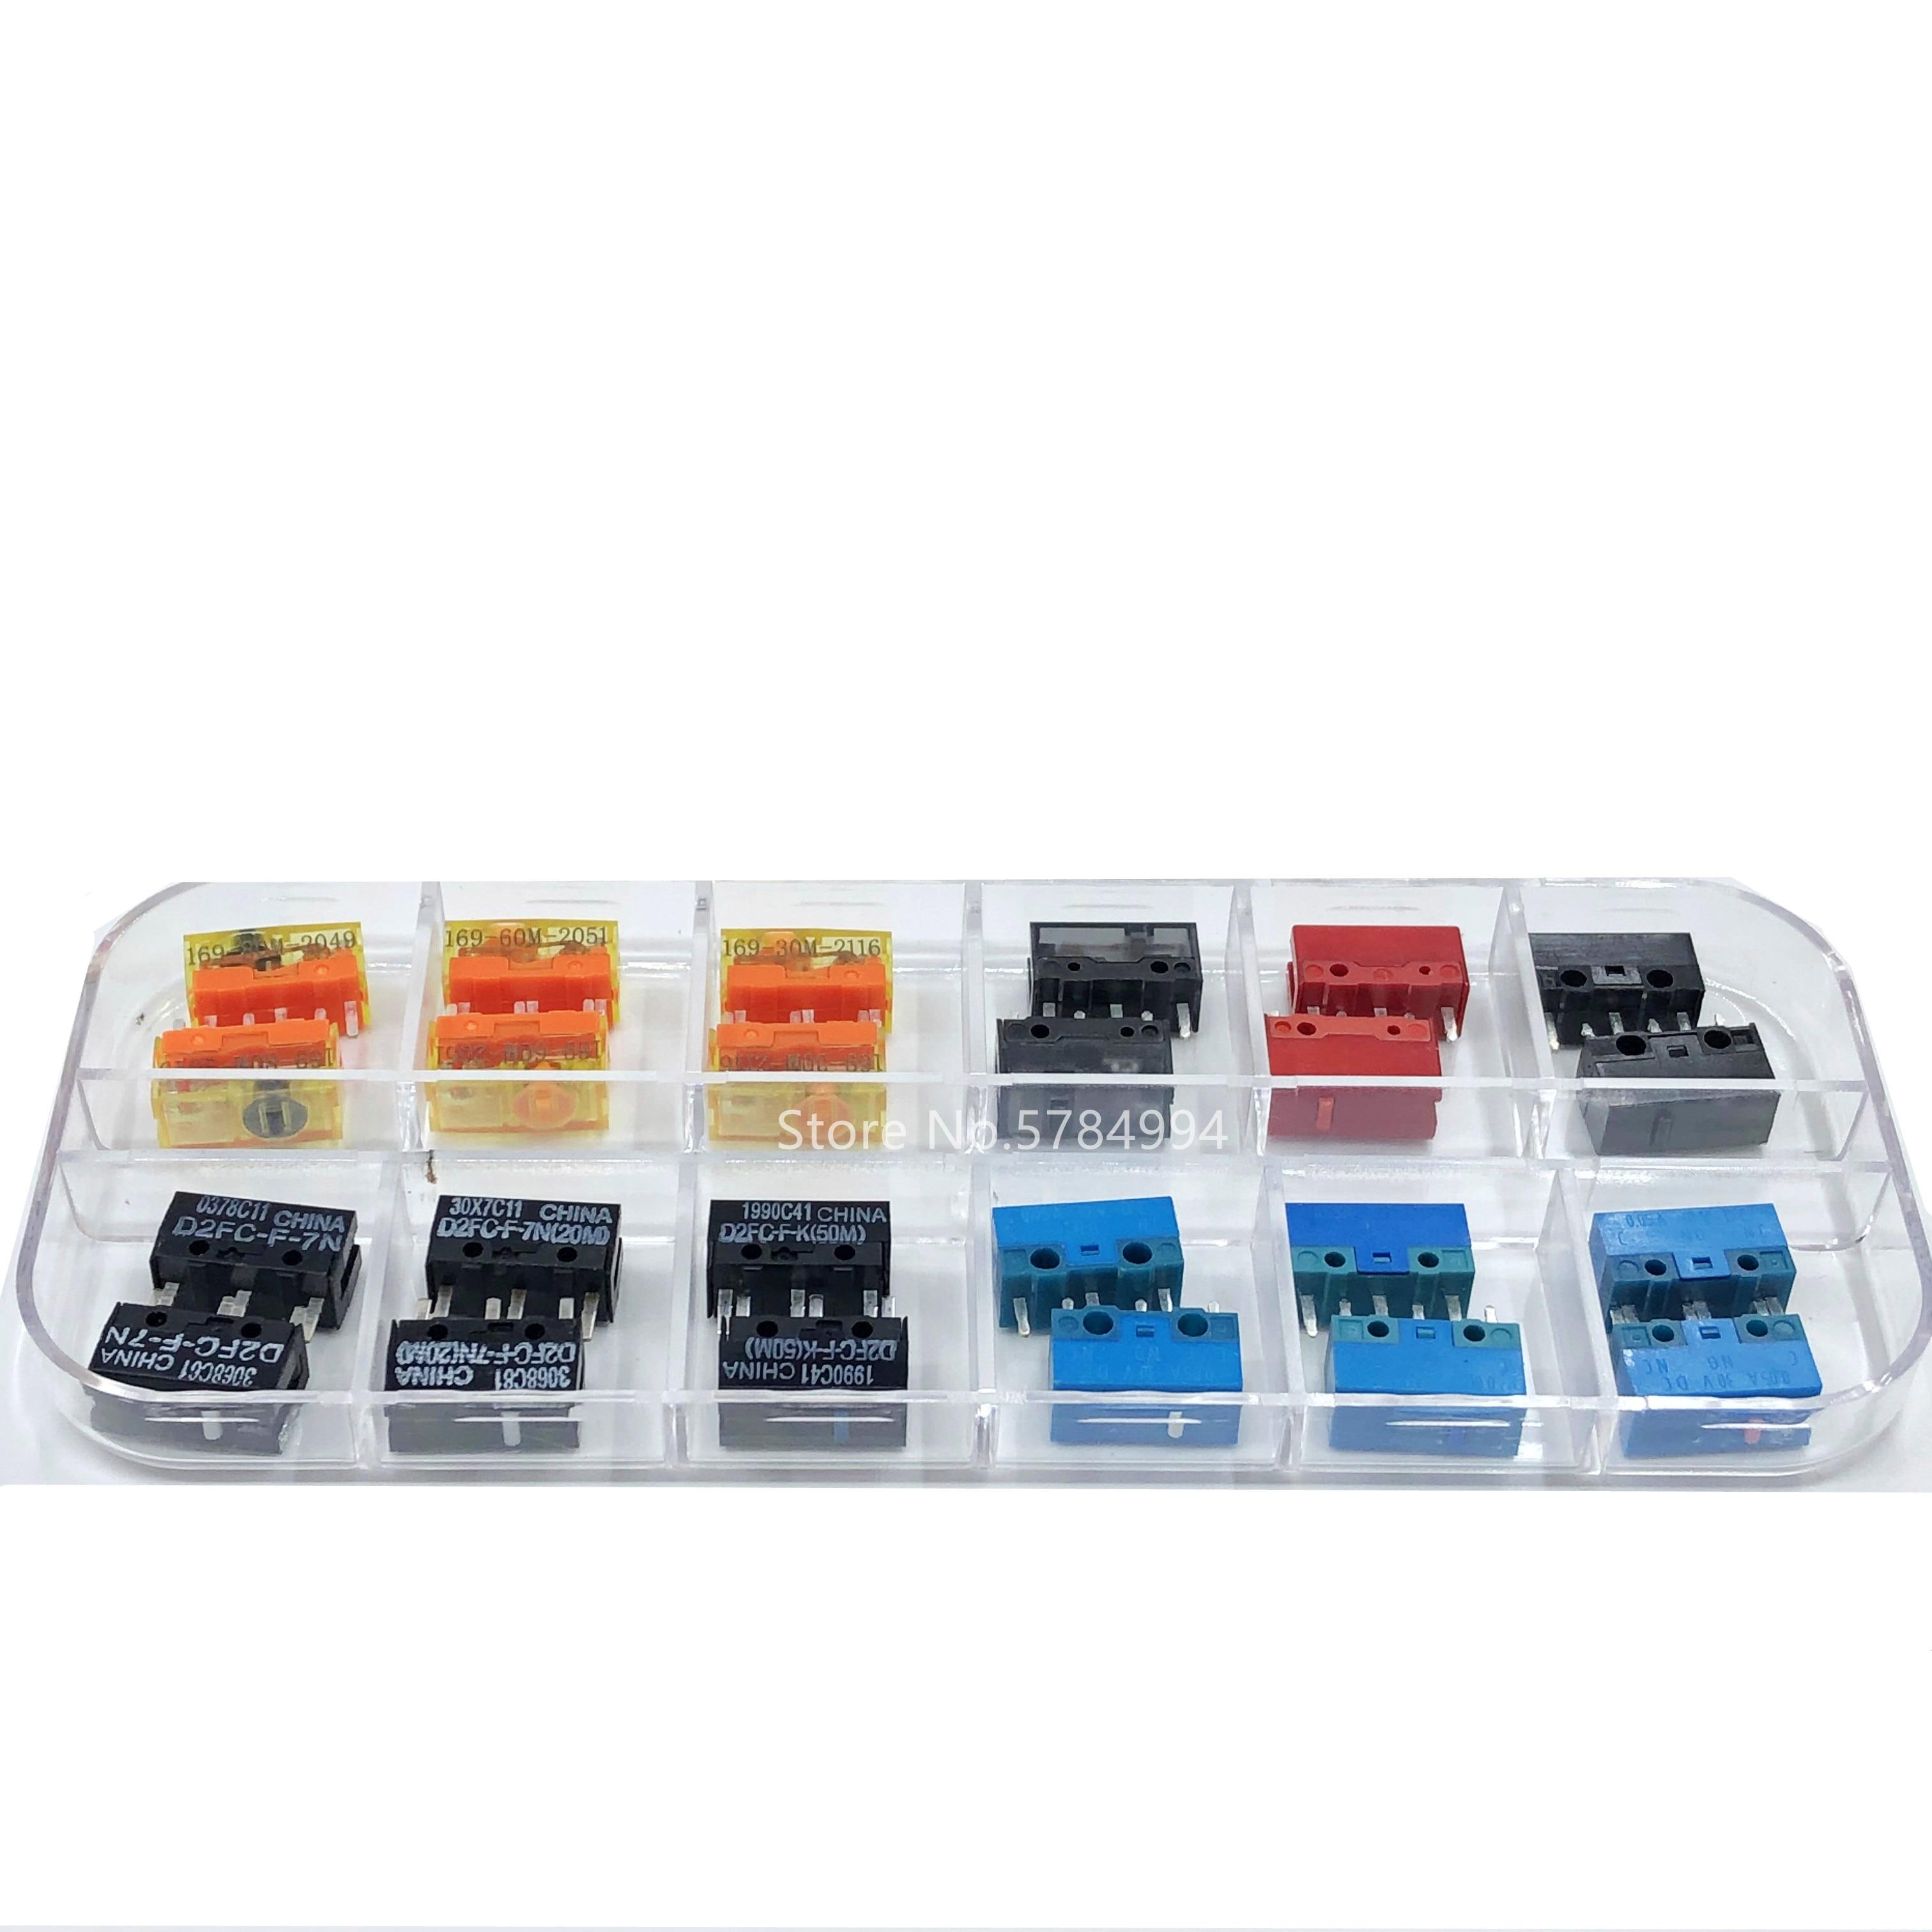 24 قطعة/صندوق التبديل الجزئي متنوعة TTC 3pin Kailh ماوس زر إصلاح صندوق مناسبة للمكتب/المنافسة الإلكترونية D2FC-F-7N